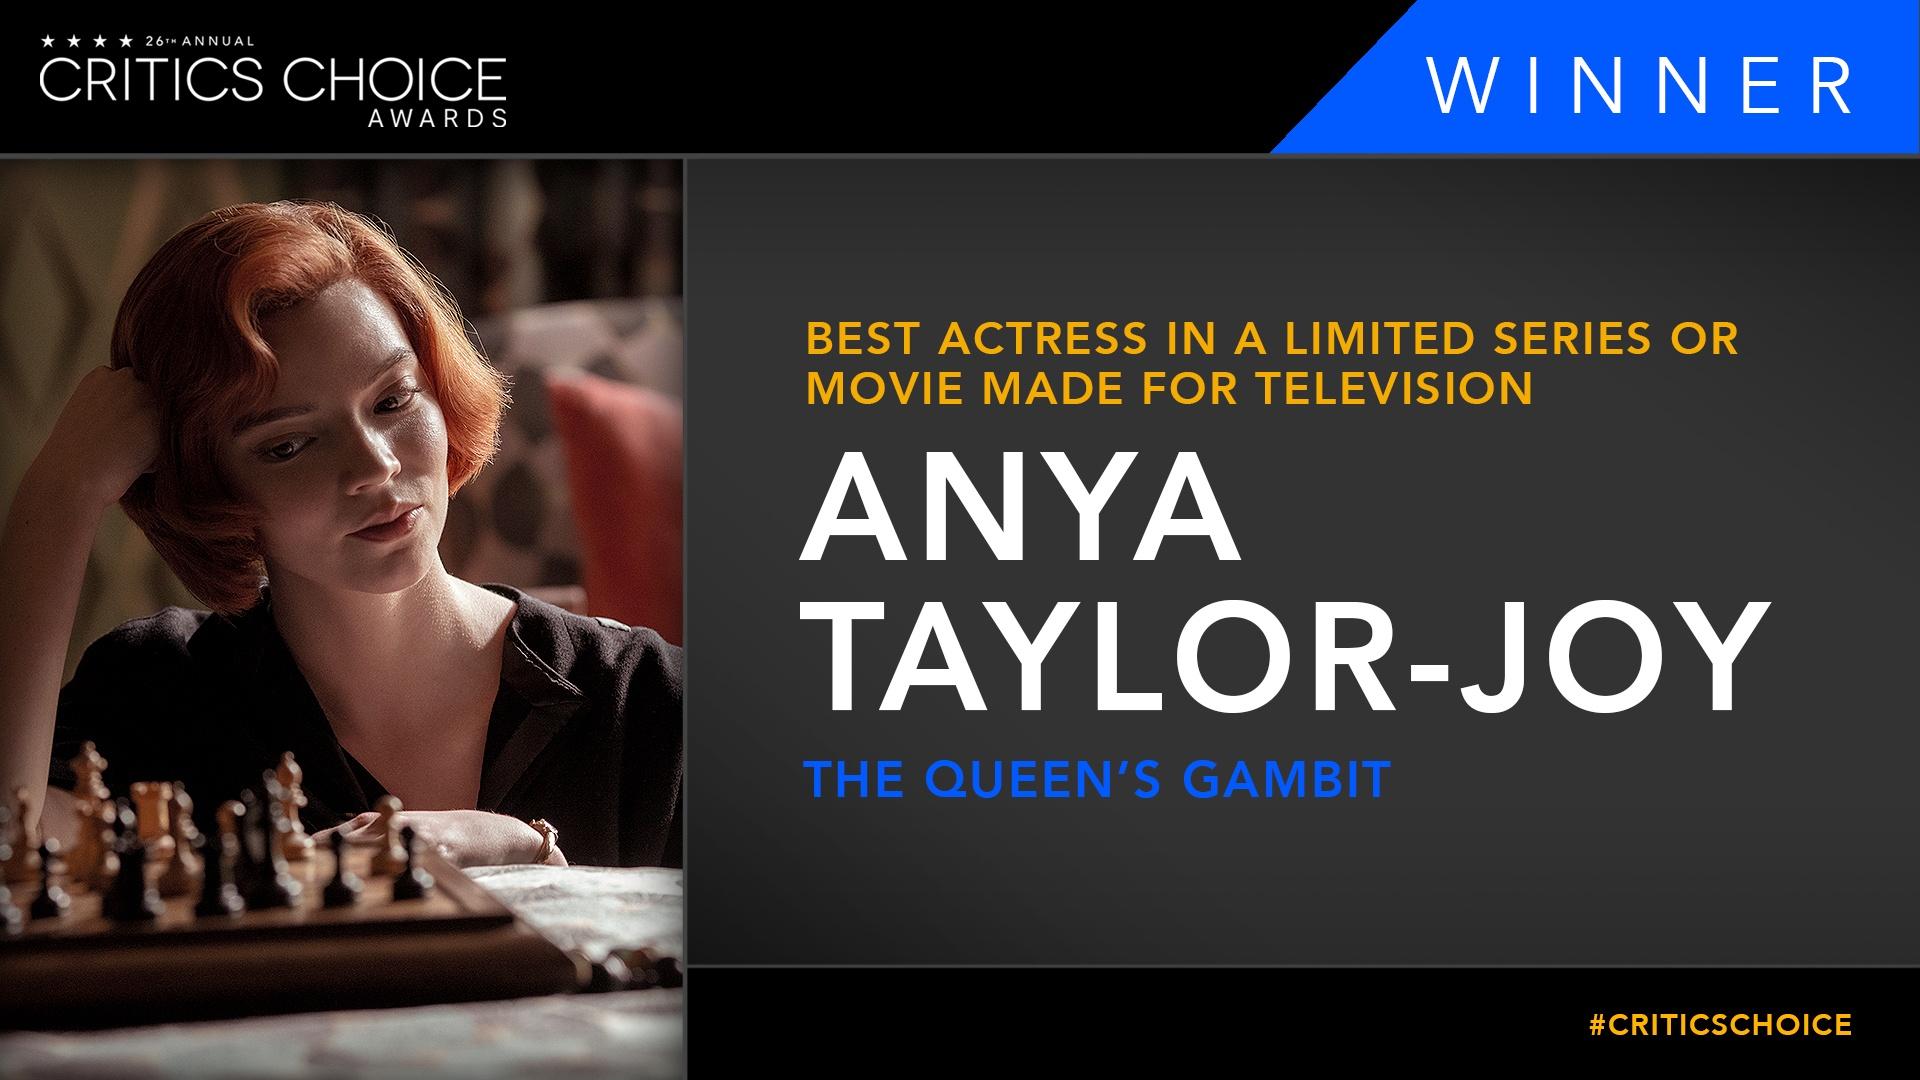 Anya Taylor-Joy migliore attrice in una miniserie per La regina degli scacchi ai Criticc Choice Awards